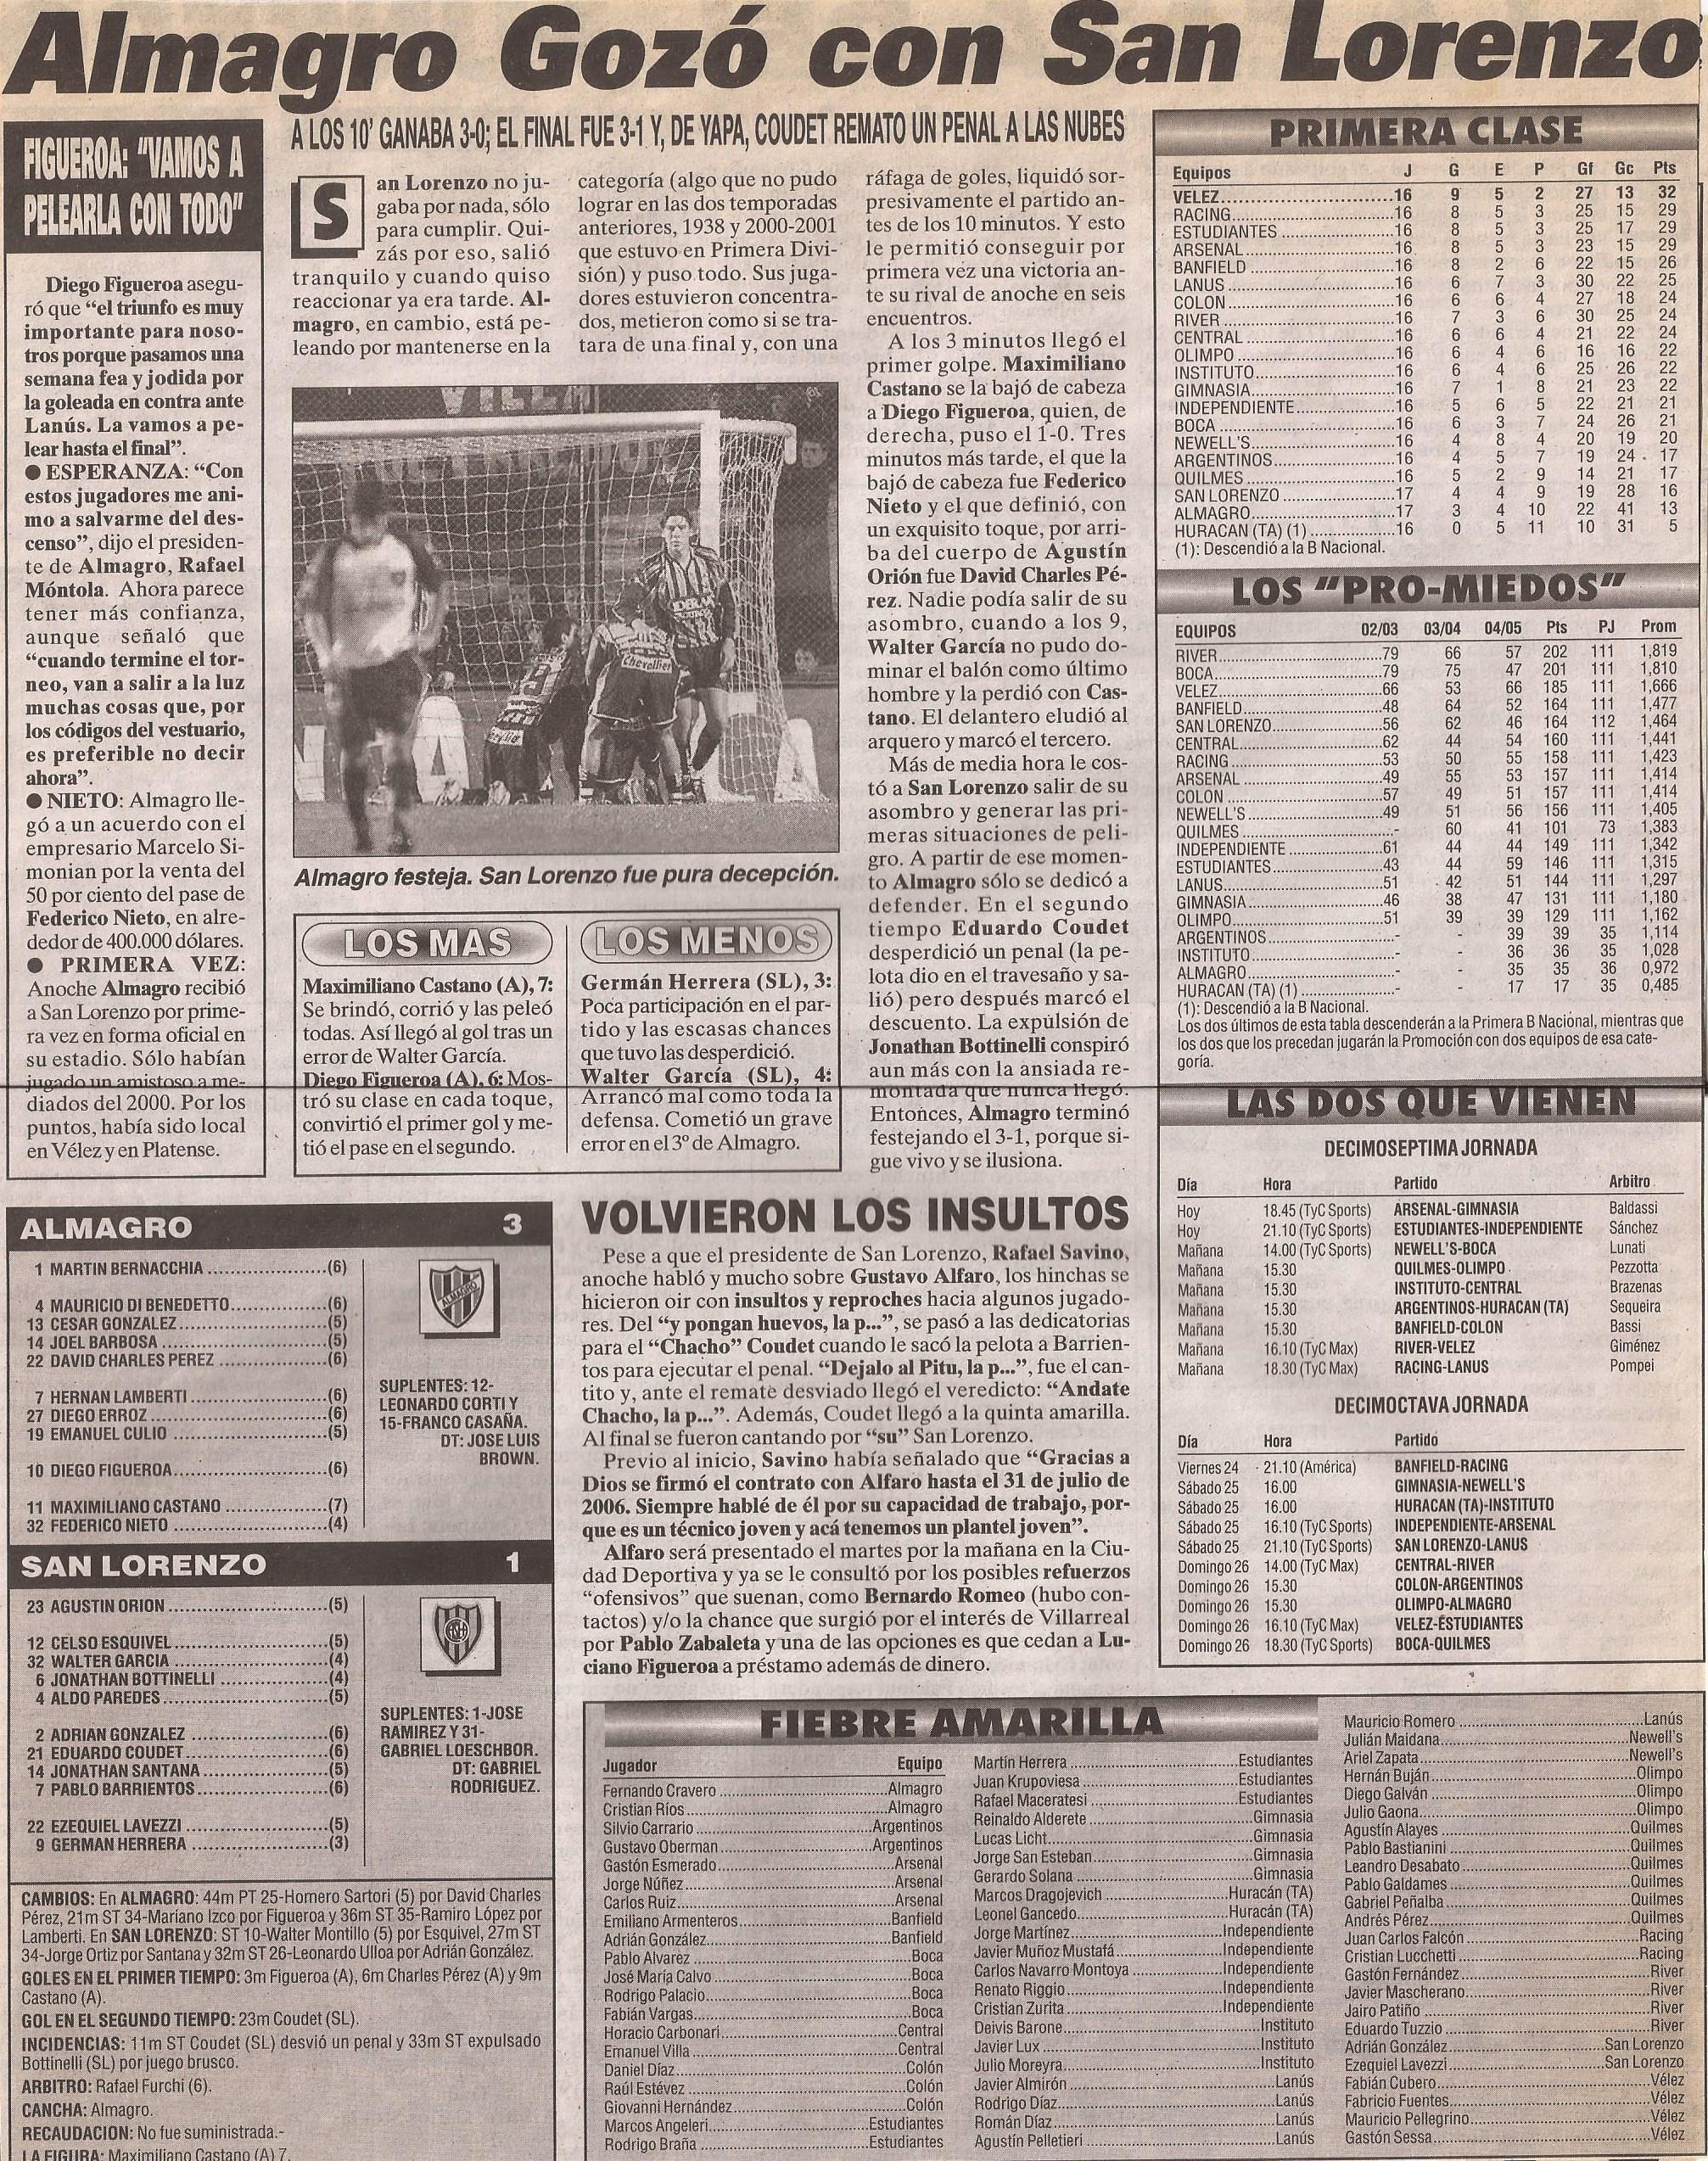 2004-05 Primera Division - Almagro vs S Lorezo - Diario Cronica